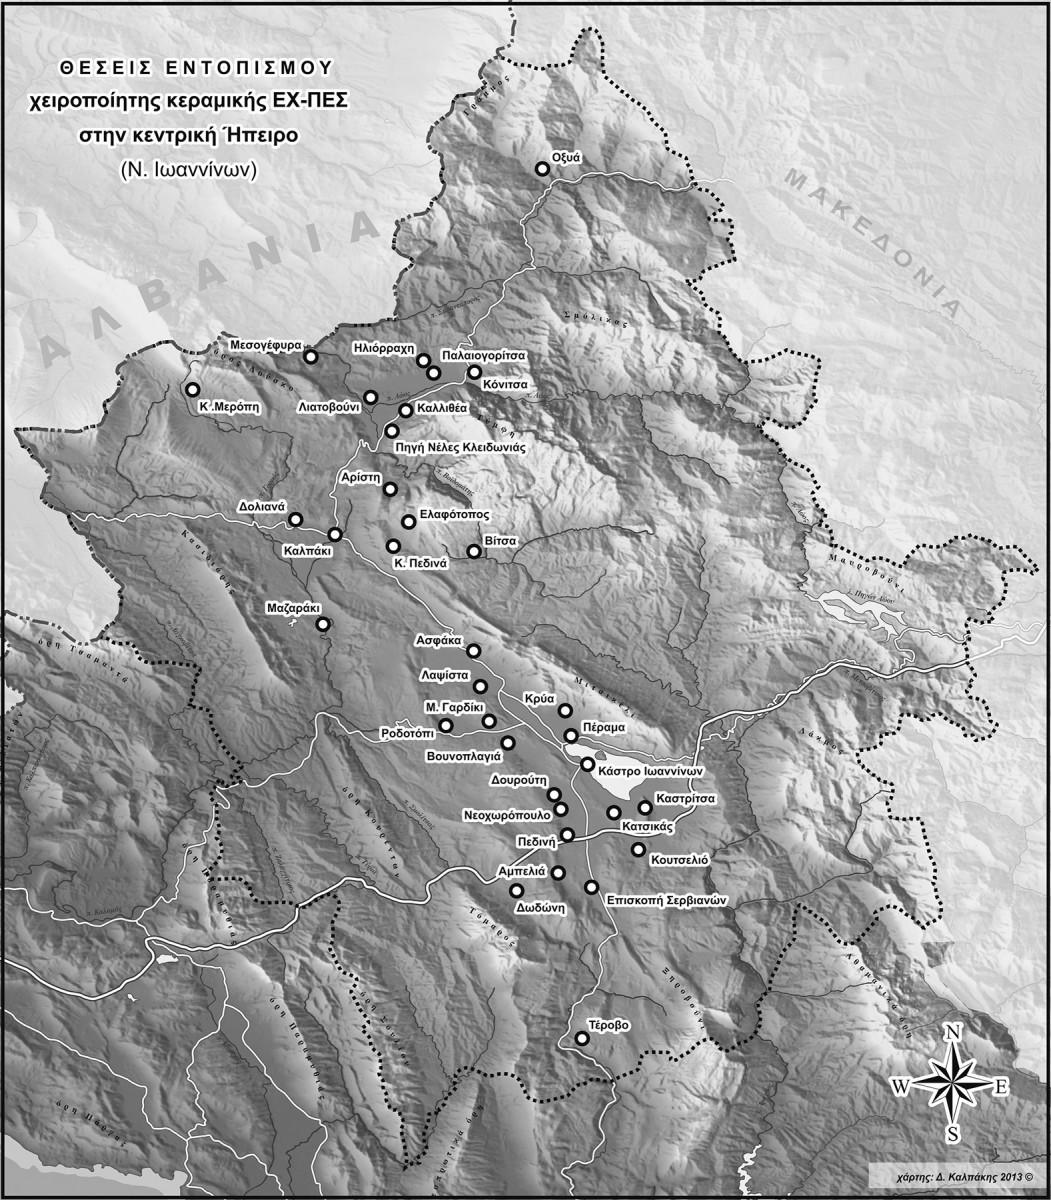 Εικ. 1. Χάρτης της κεντρικής Ηπείρου με τις θέσεις της ΕΧ-ΠΕΣ. (Πηγή: αρχείο συγγραφέα)